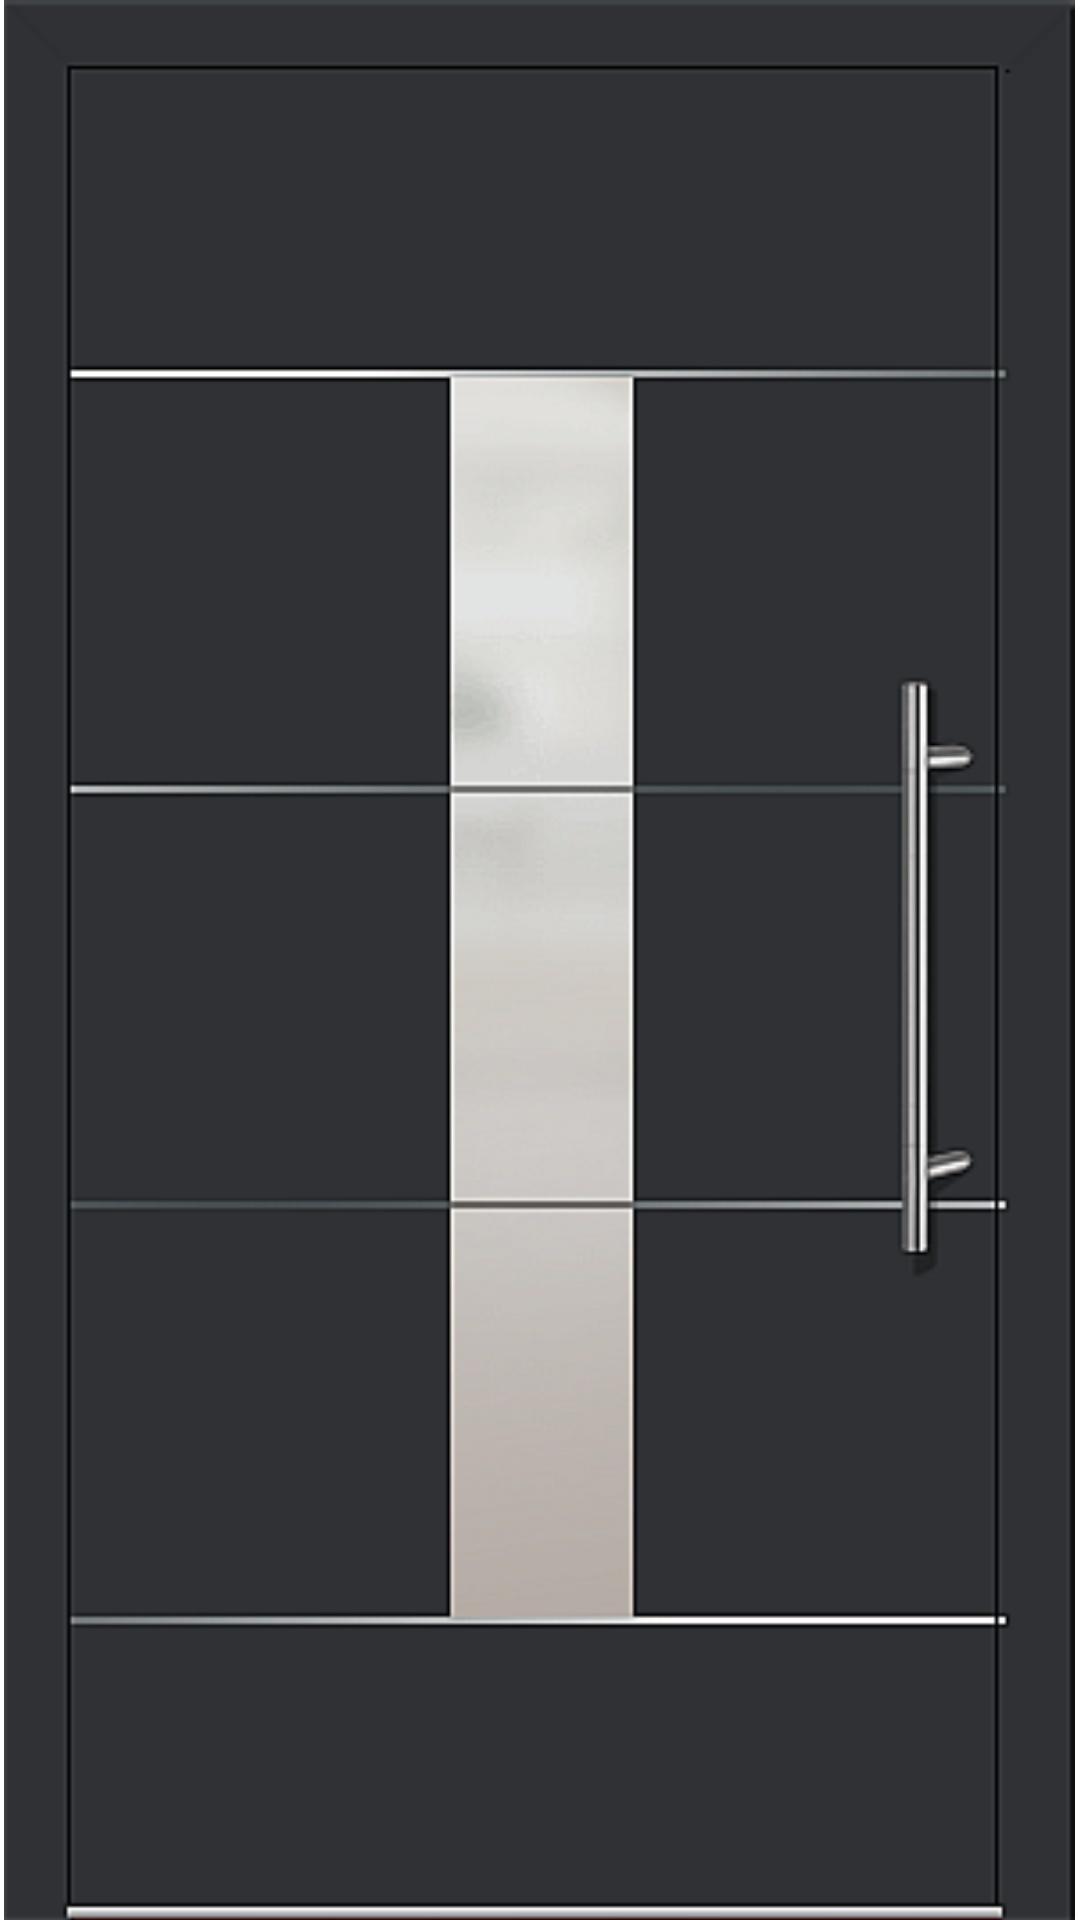 Kunststoff Haustür Modell 6184-54 schwarz